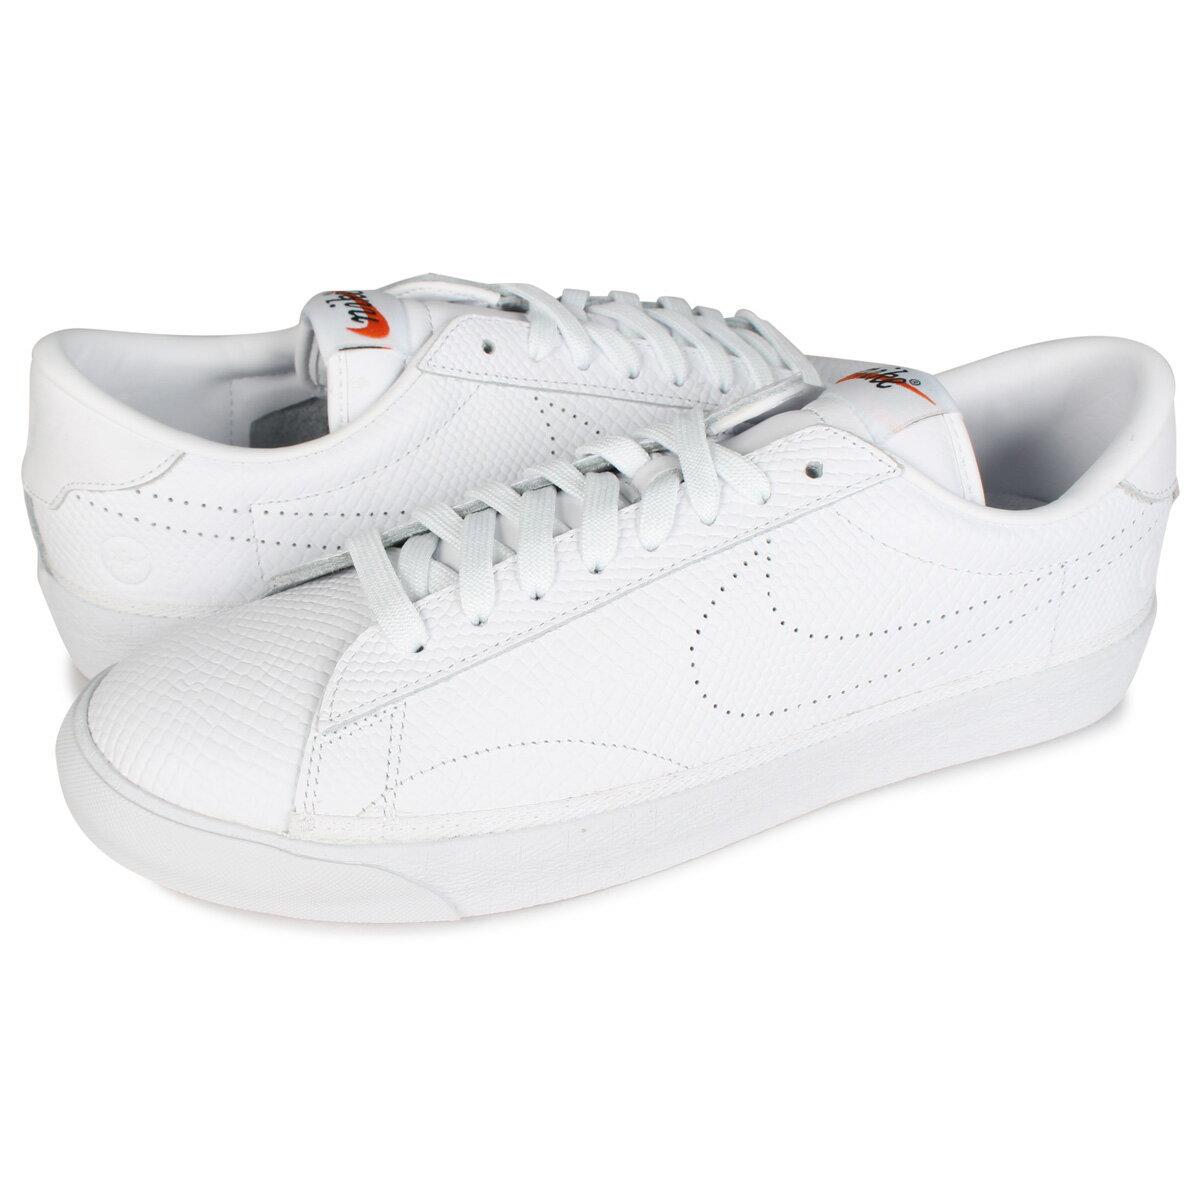 メンズ靴, スニーカー 600OFF NIKE AIR ZOOM TENNIS CLASSIC AC FRAGMENT 857953-111